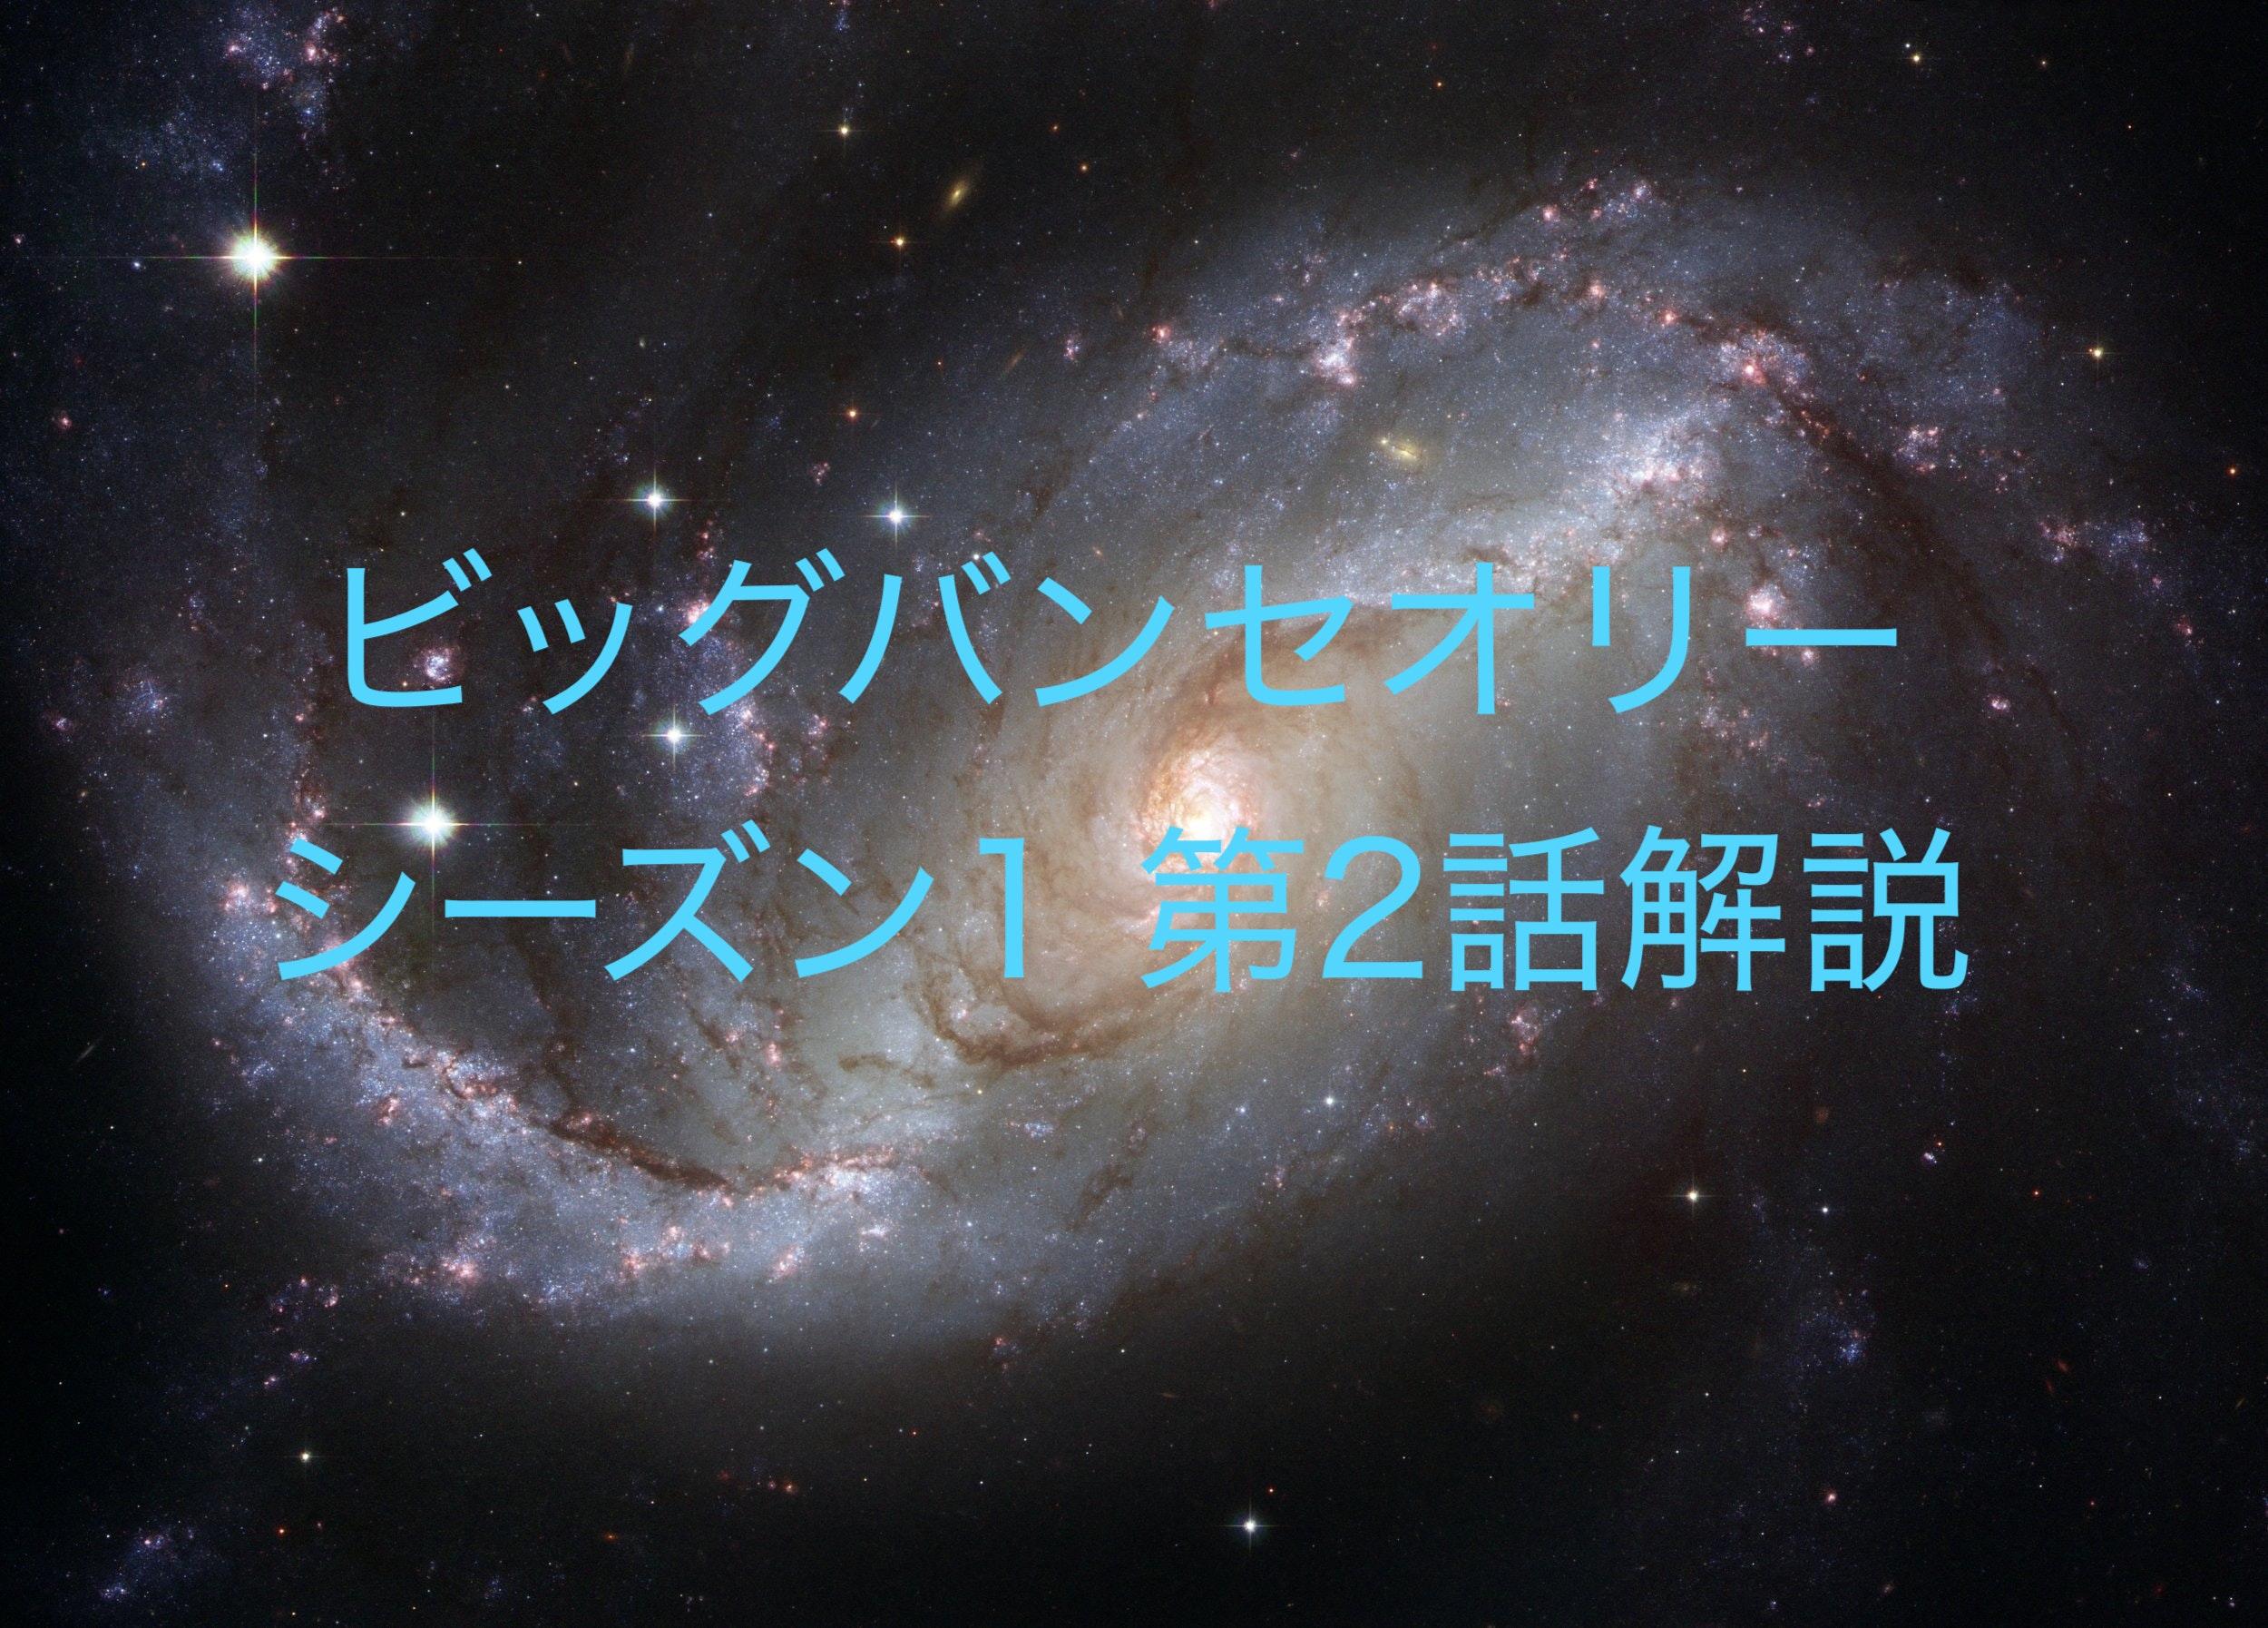 【ビッグバンセオリー】英語でドラマ!TBBTシーズン1第2話を解説!